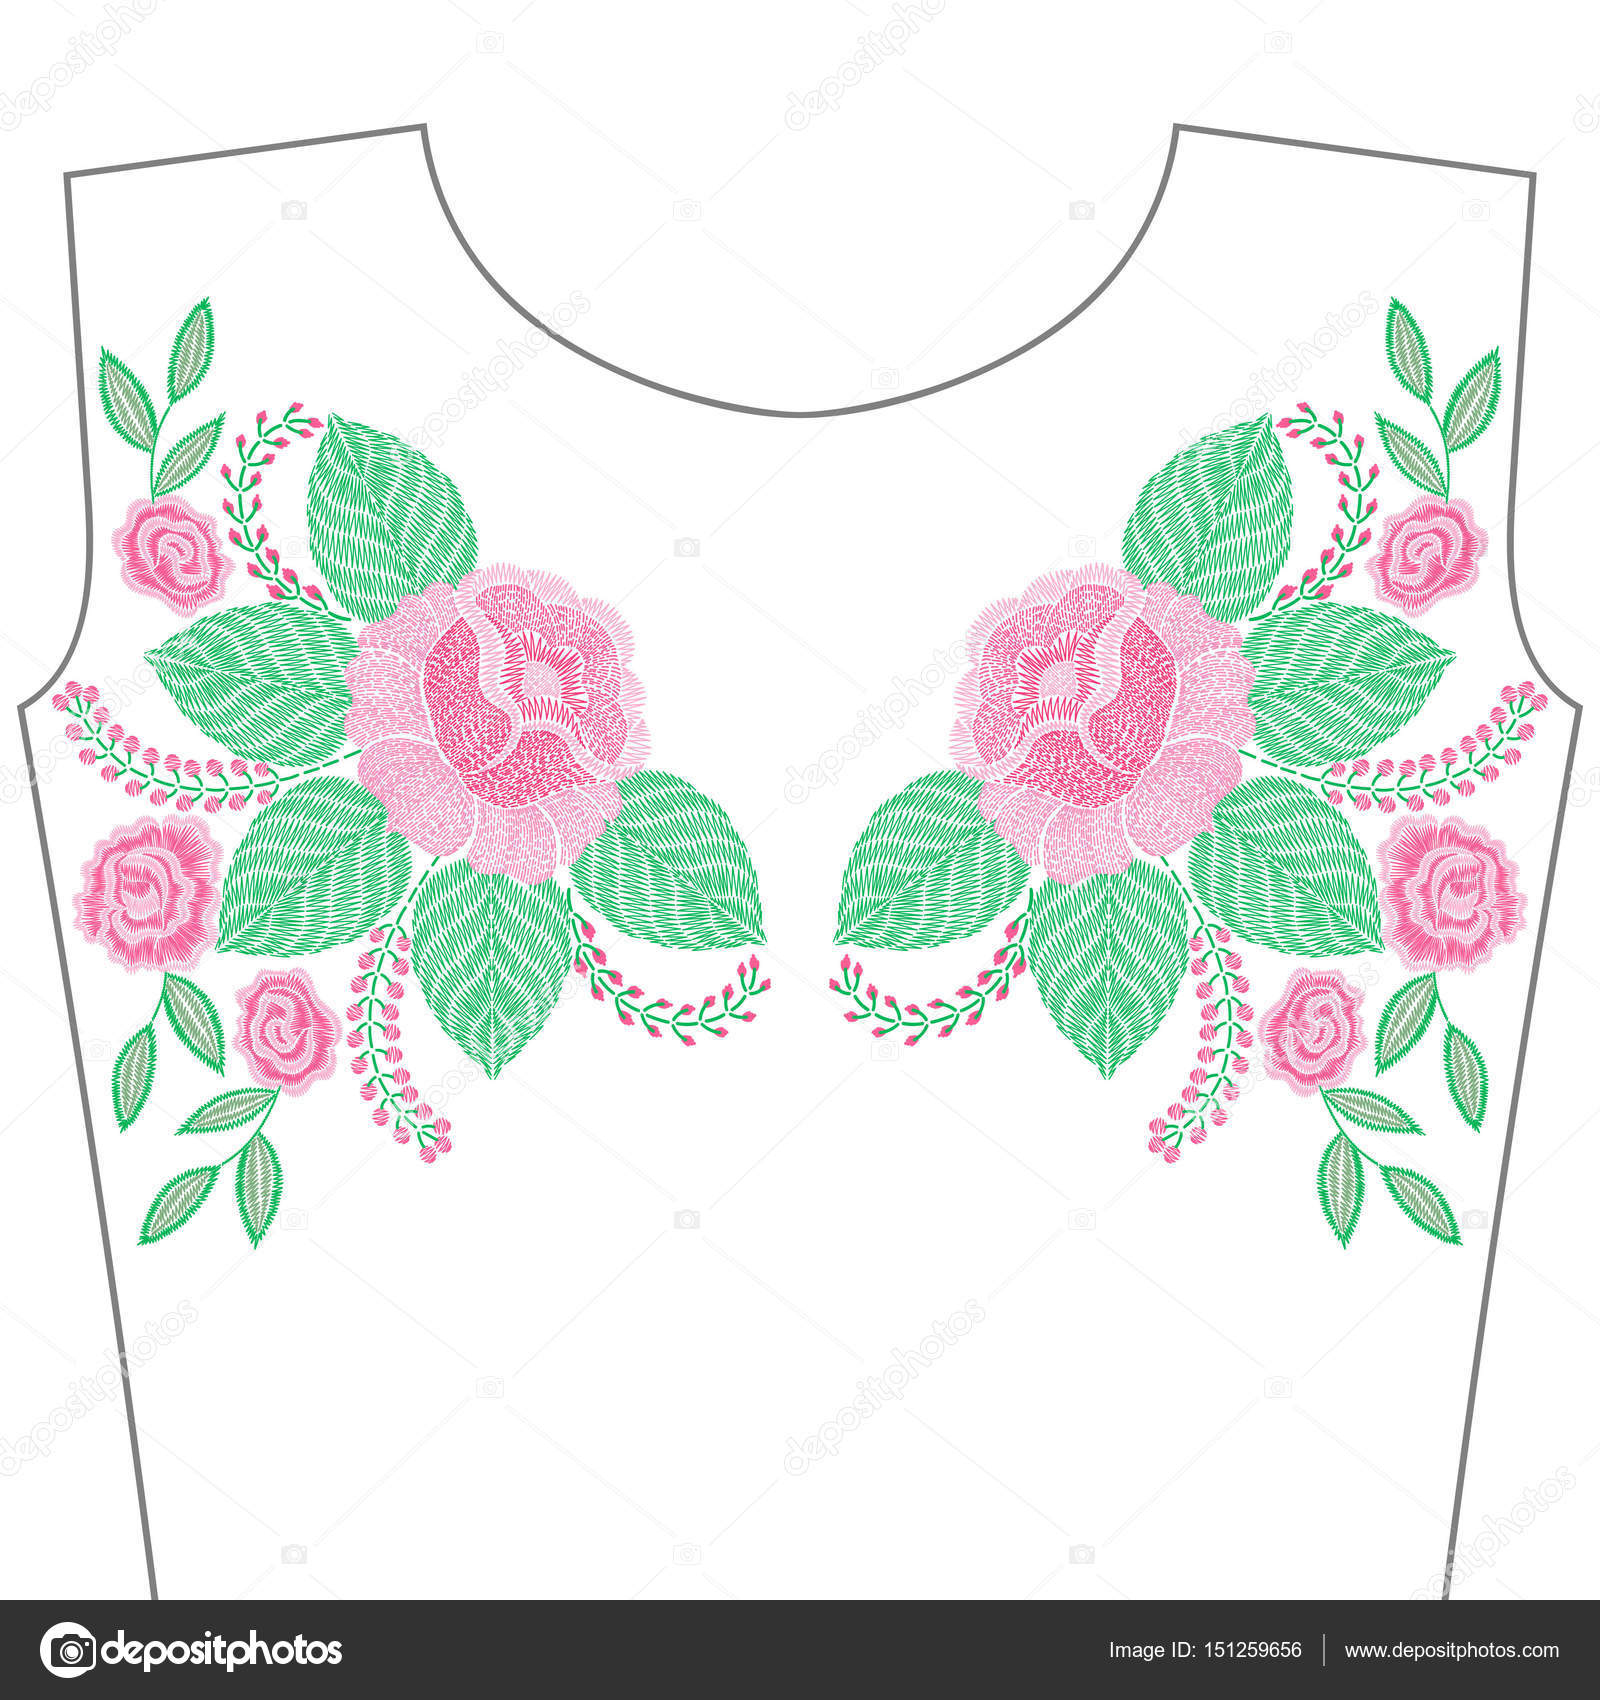 Dibujos: flores y rosas para bordar | Puntadas de bordado con flores ...